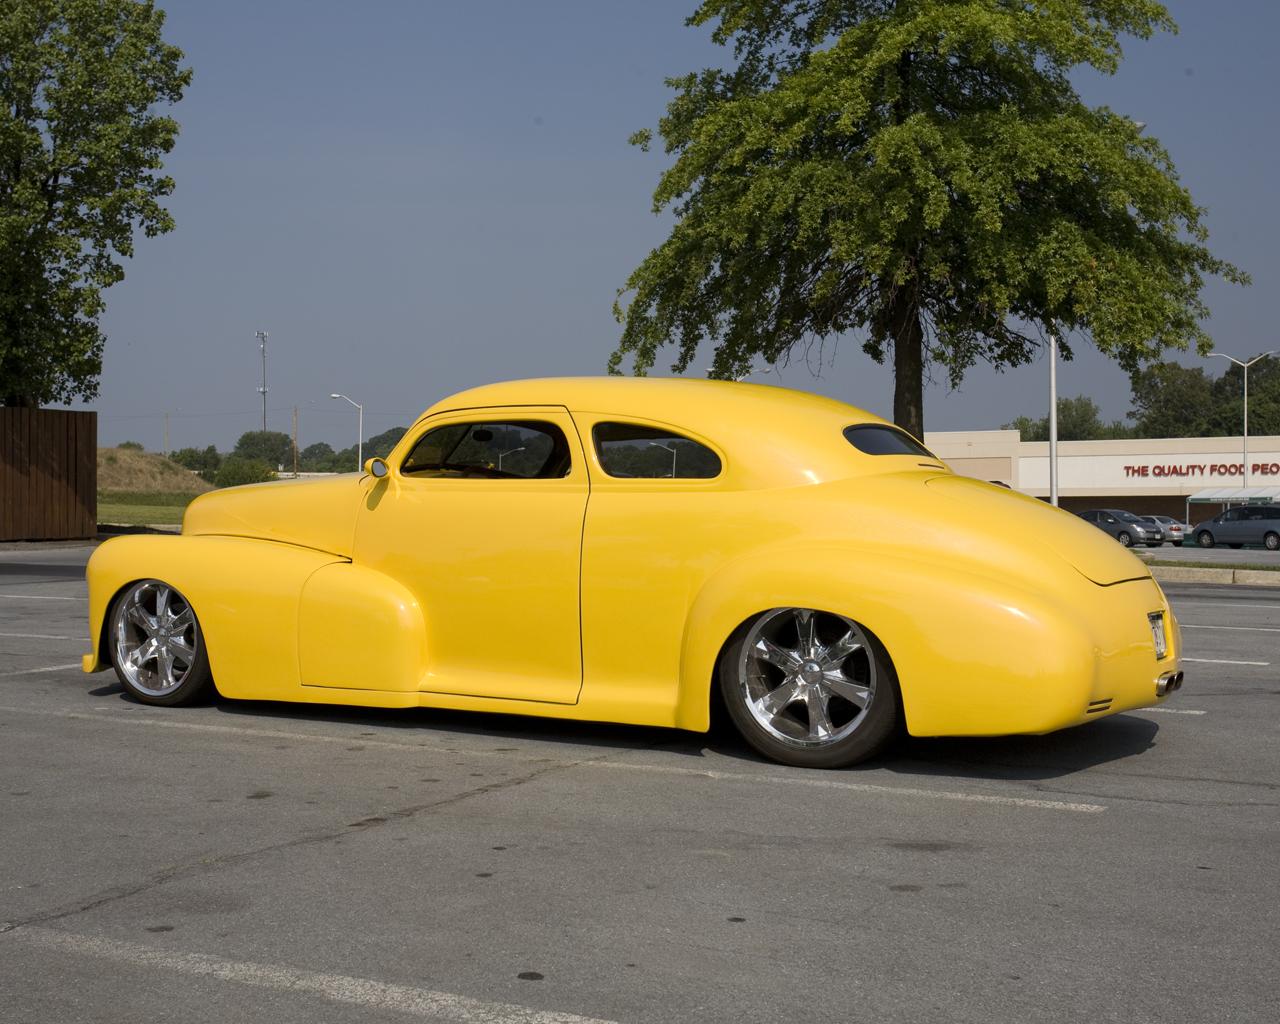 1947 chevrolet 2 door coupe cruiseinpix for 1947 chevy 2 door coupe